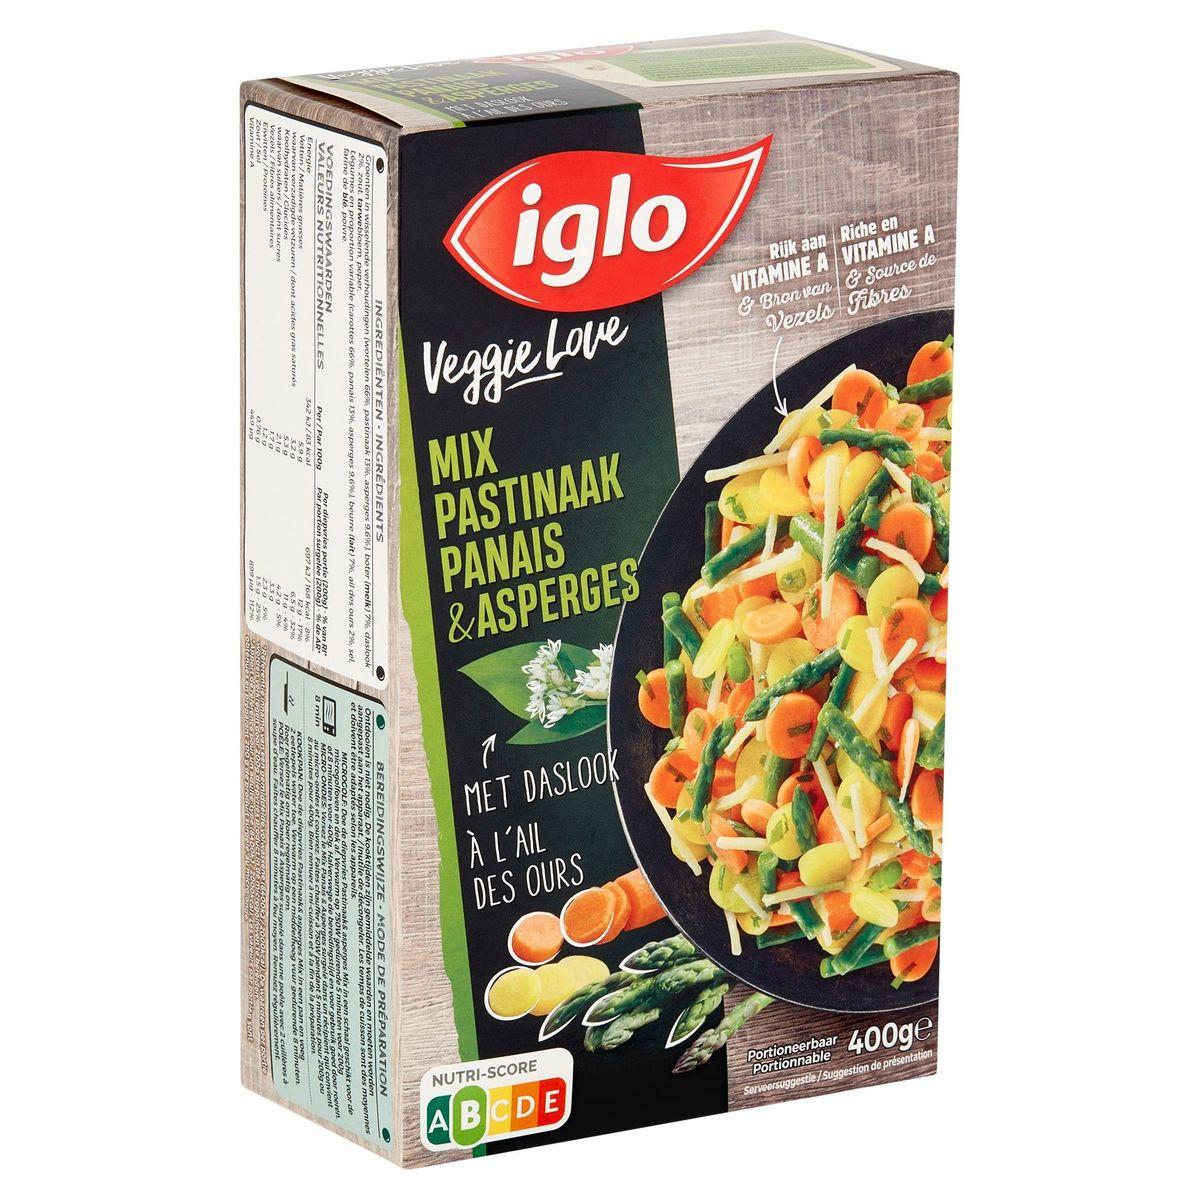 Iglo Veggie Love Pastinaak en Asperges Mix met Daslook 400 g